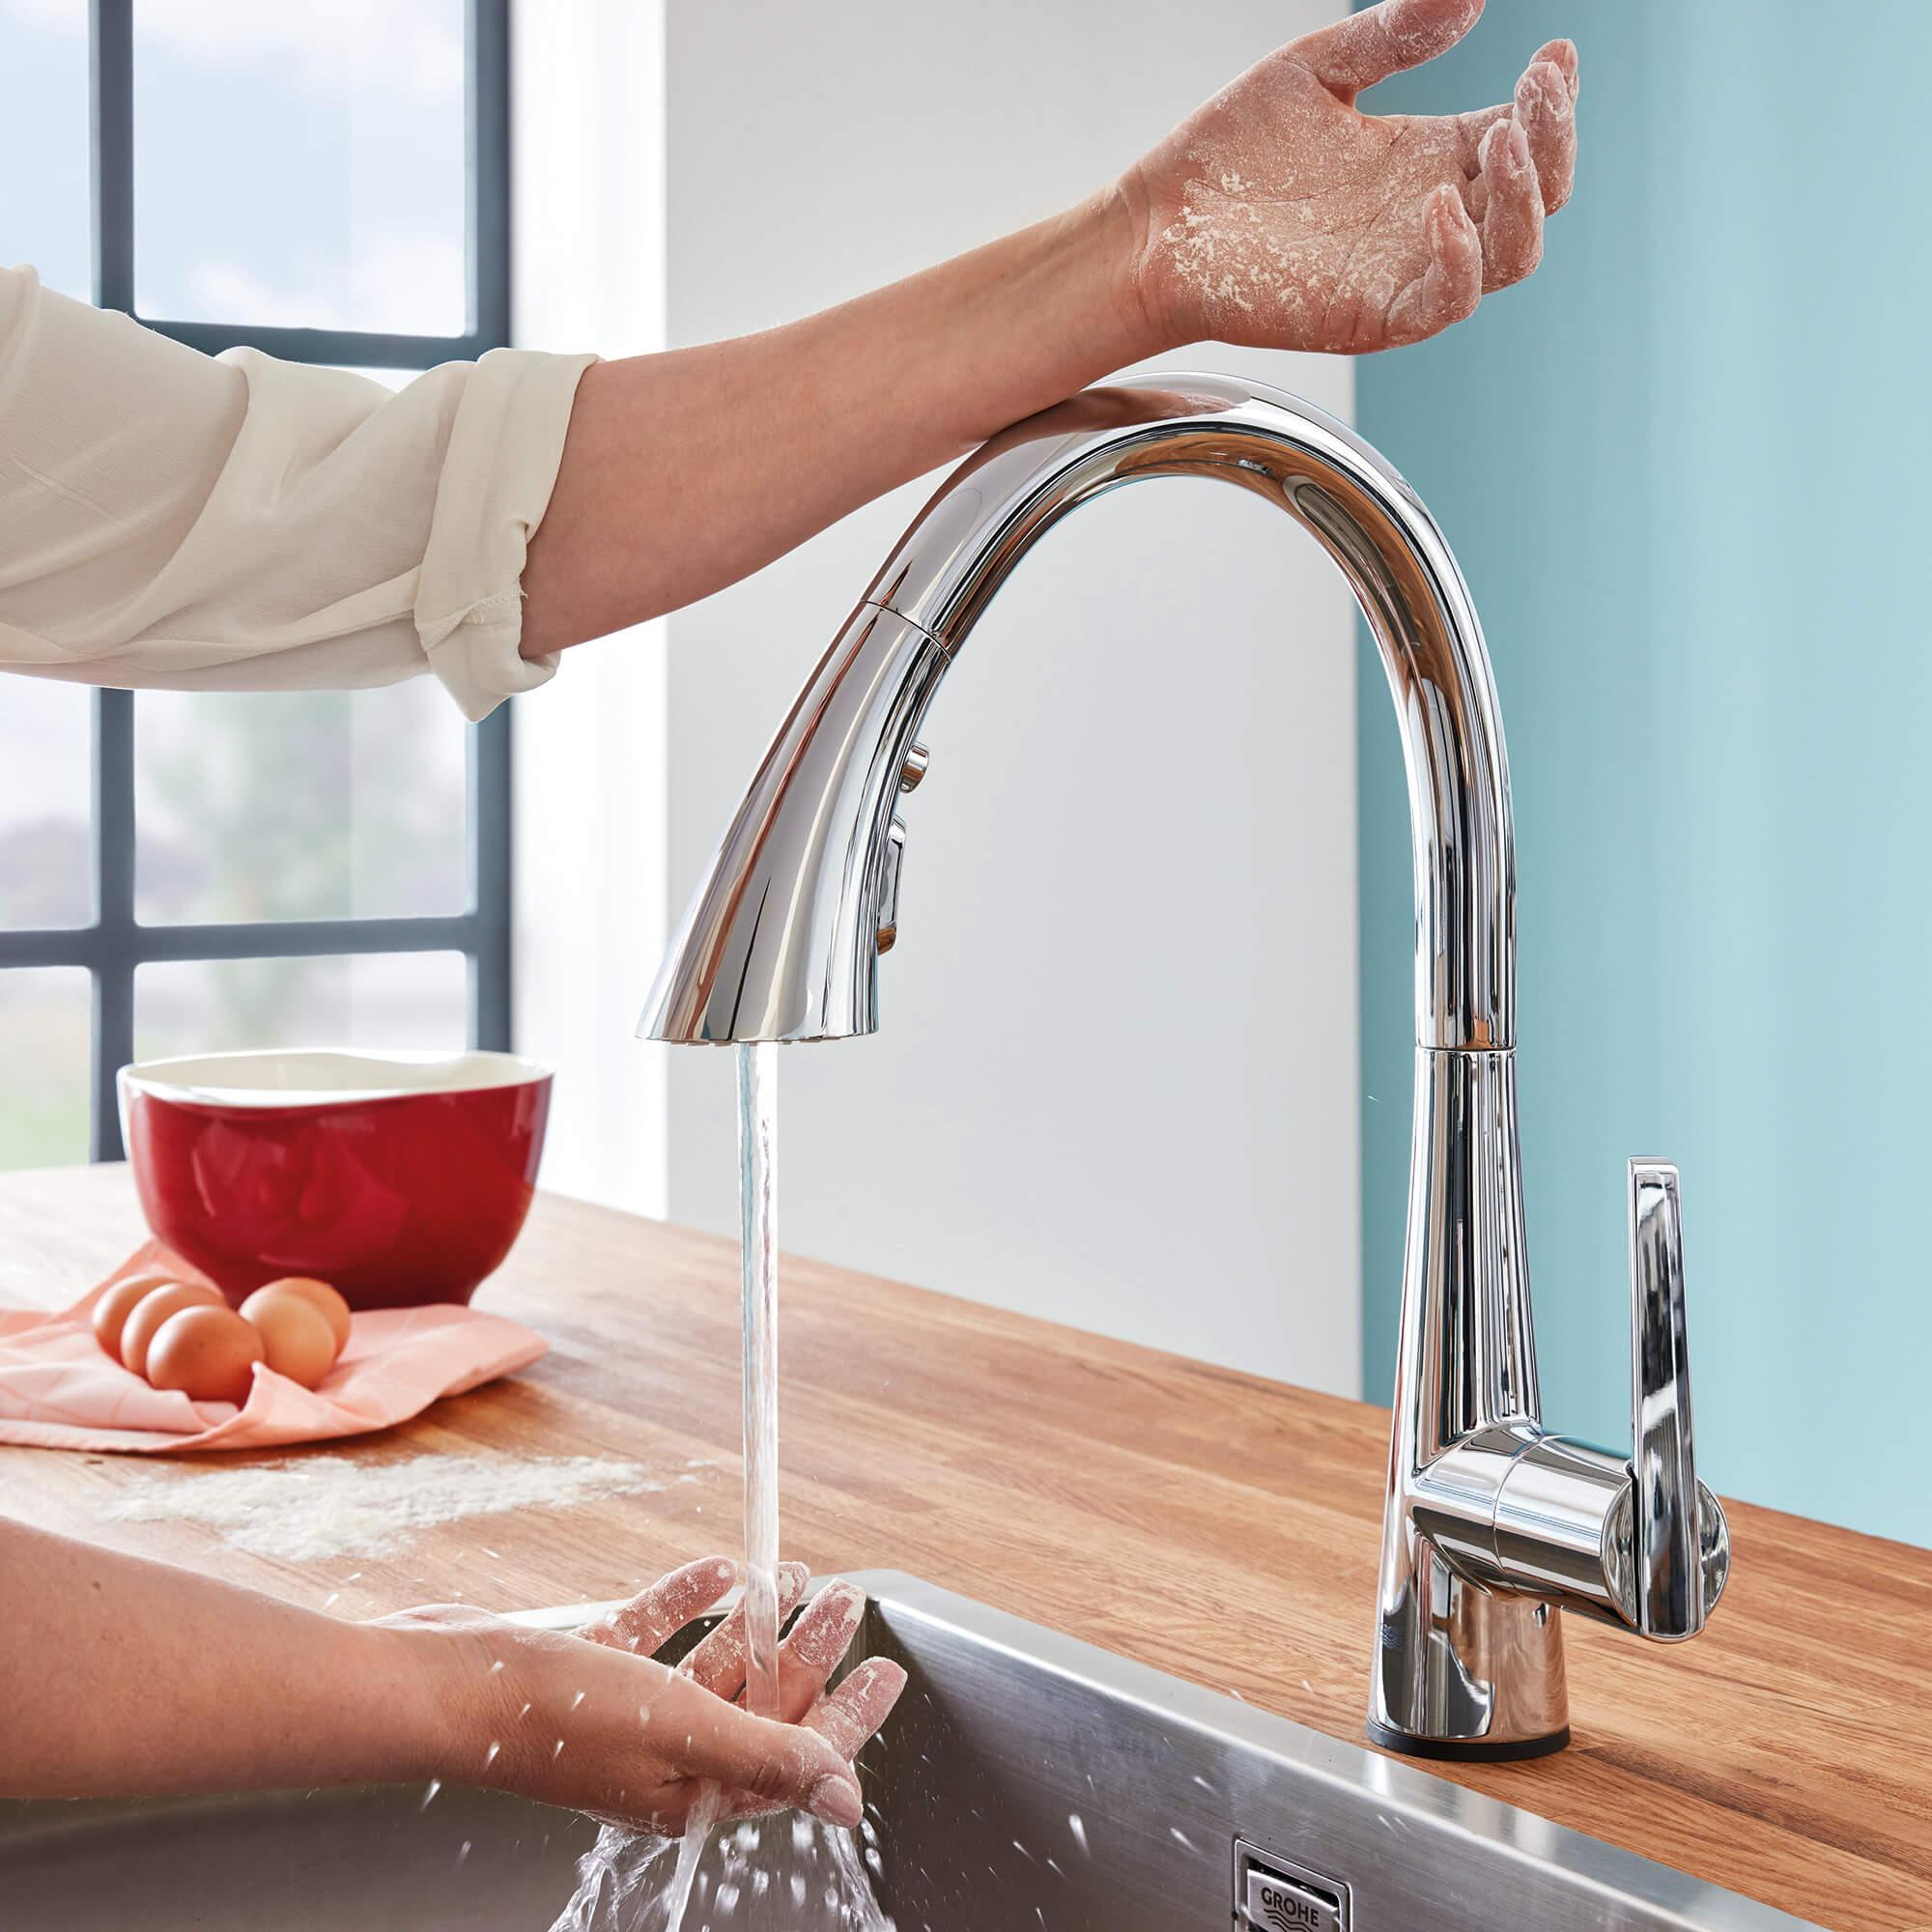 Ladylux Touch Faucet